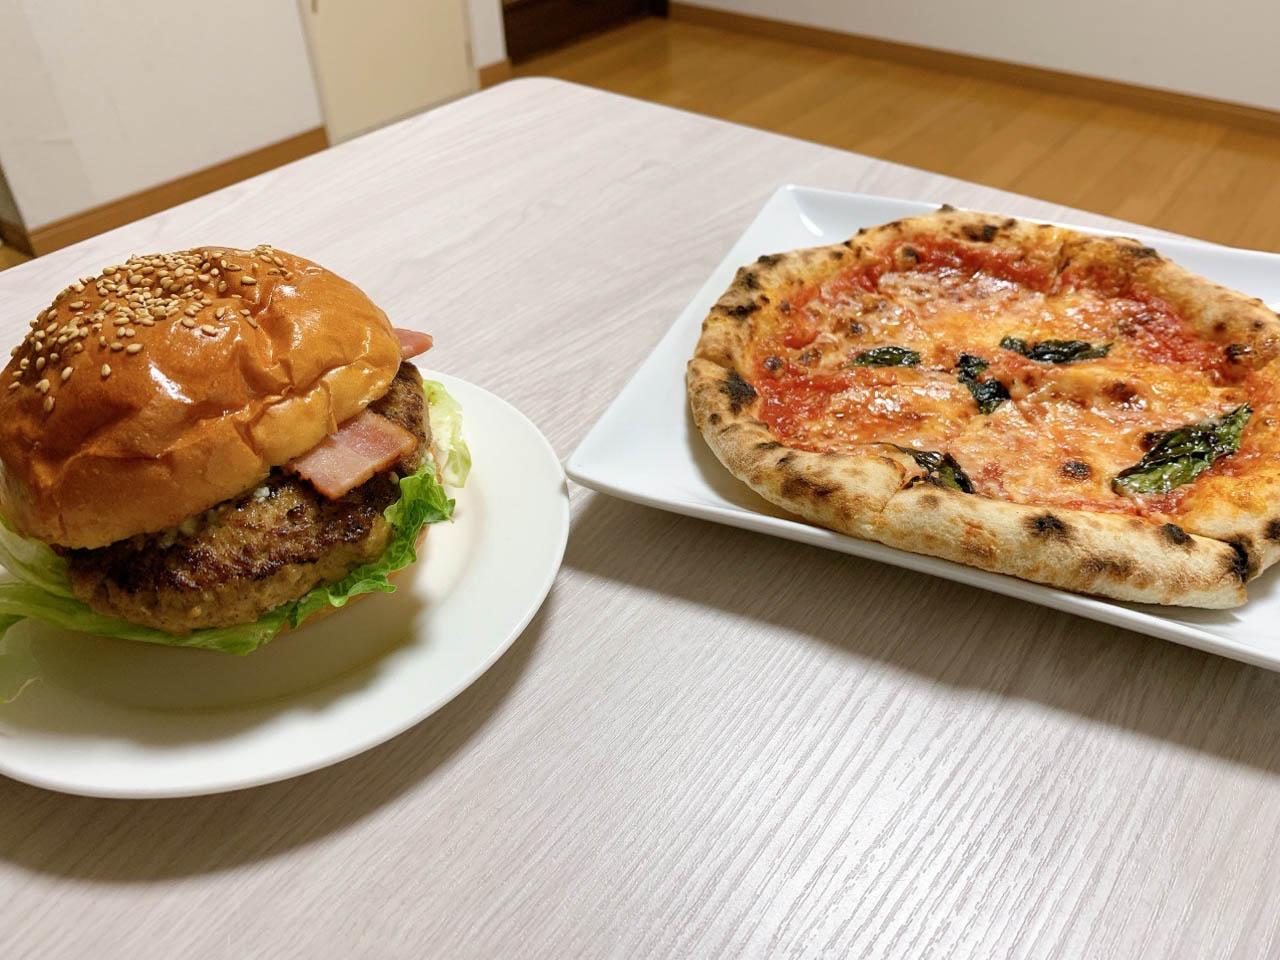 まとめ:フォルナイオは上本郷でボリュームのあるハンバーガーを食べたい方におすすめ!